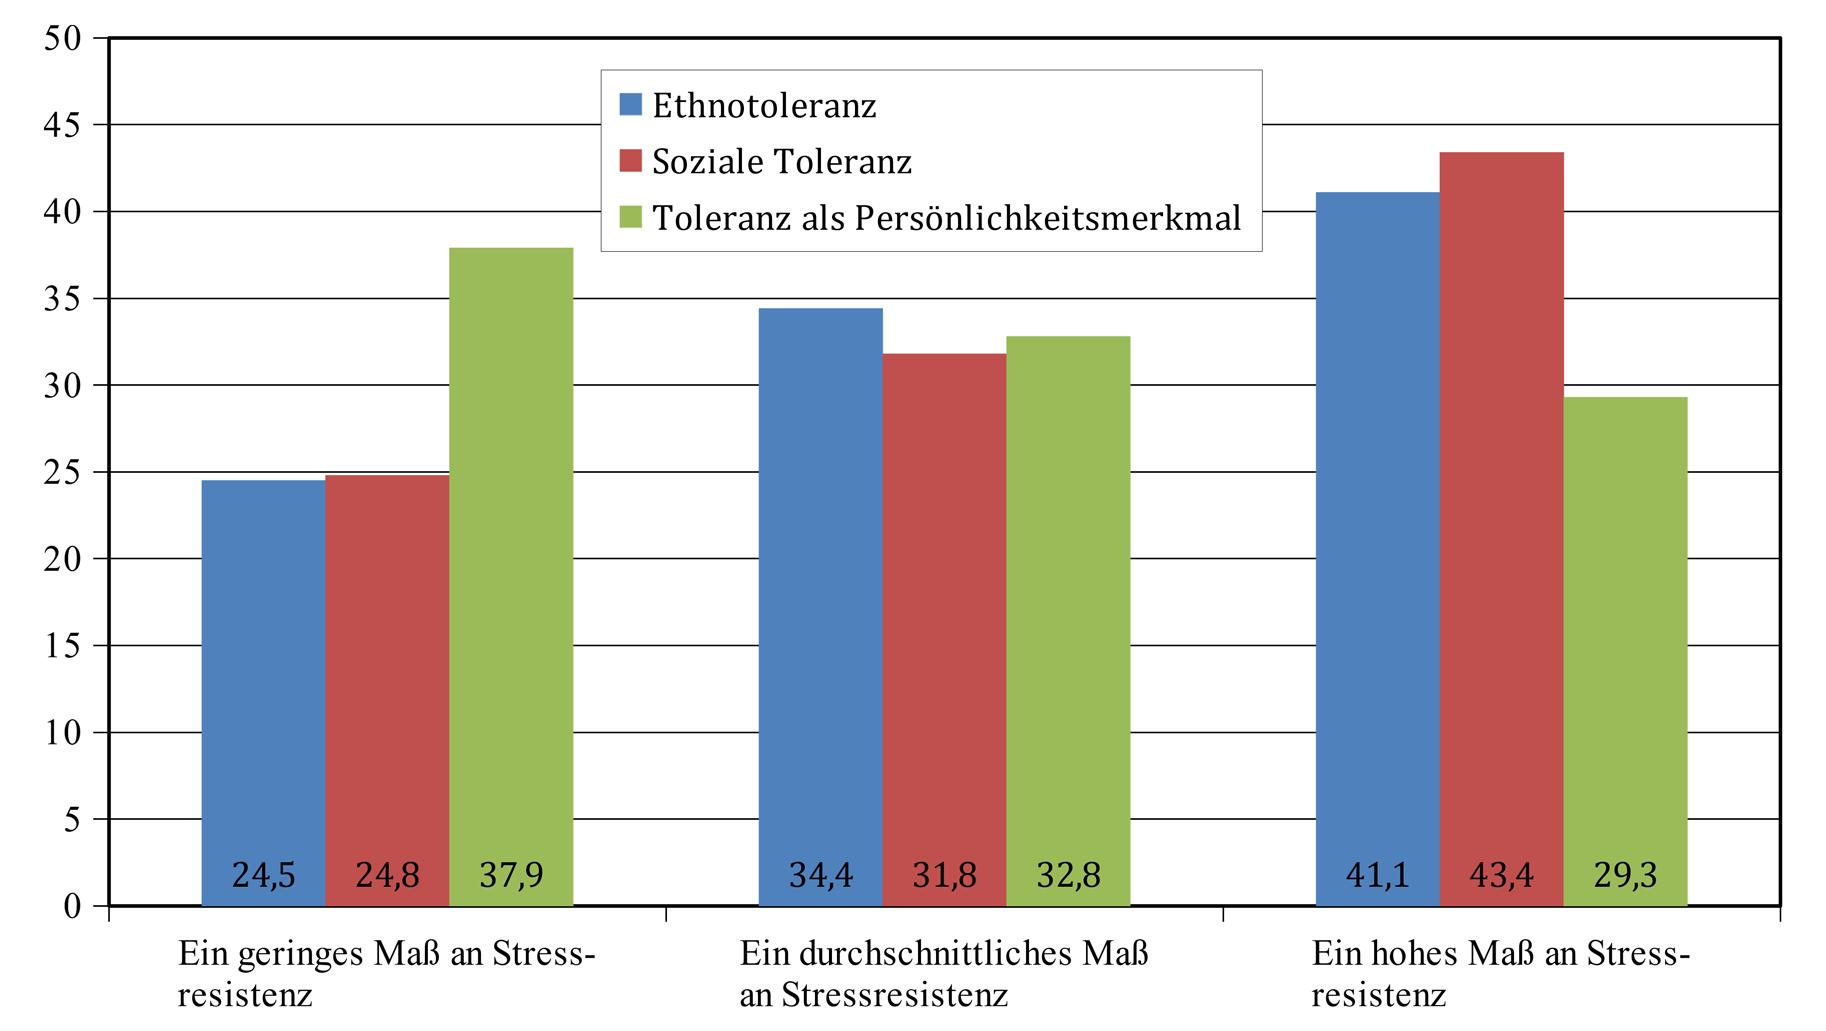 Das Verhältnis von Stressebenen und Arten von Toleranz in Prozent (%)